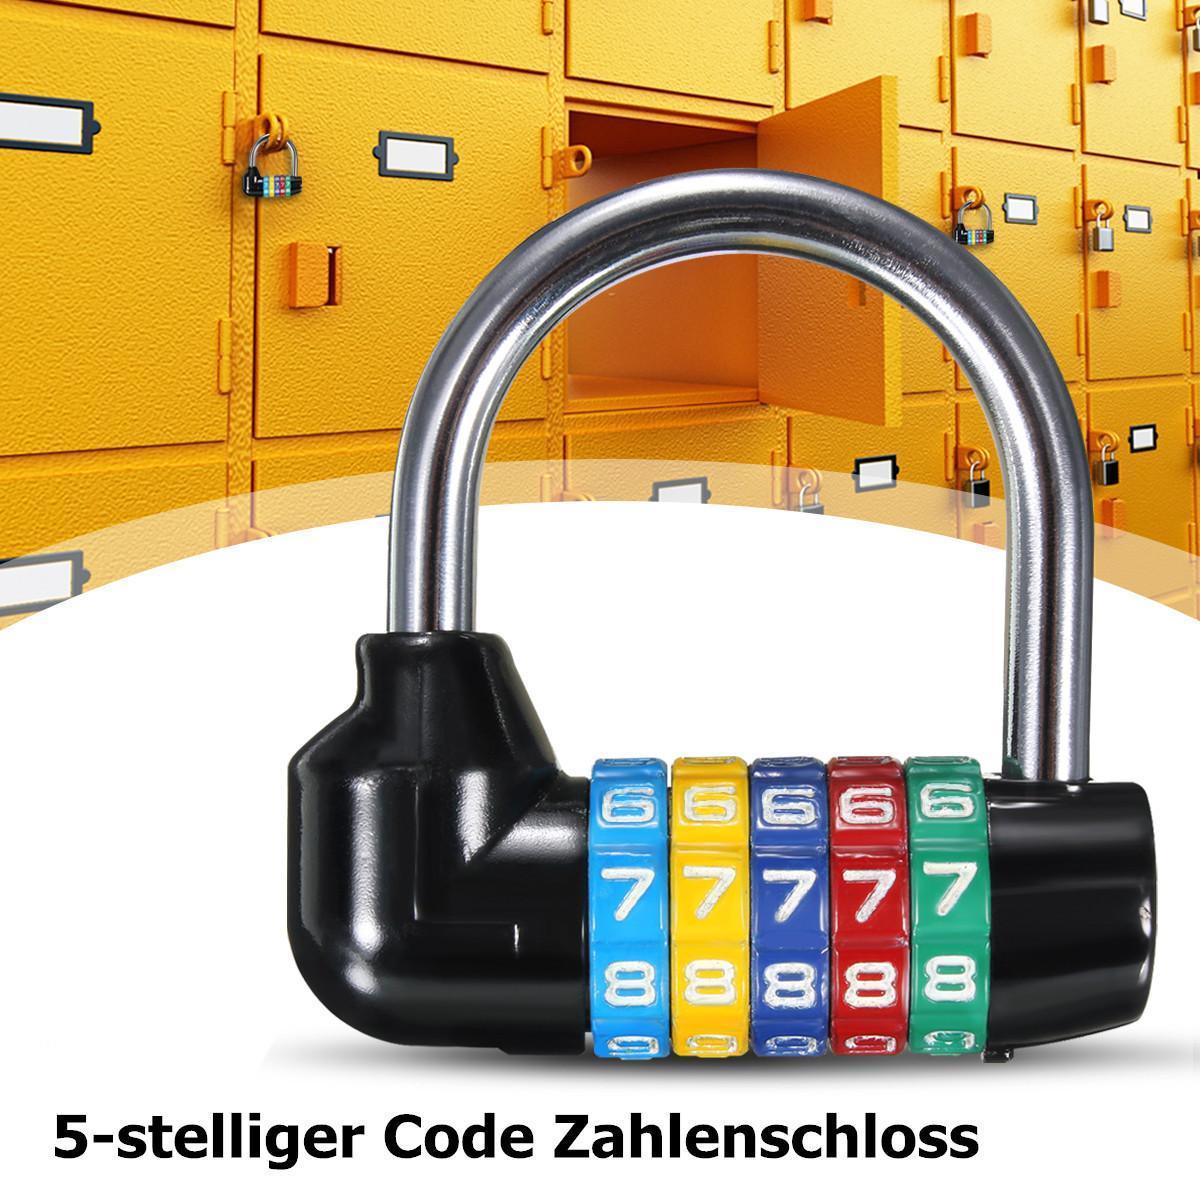 26aaac13de64 Resettable 5 Digit Number Code Password Combination Padlock Security Safety  Lock